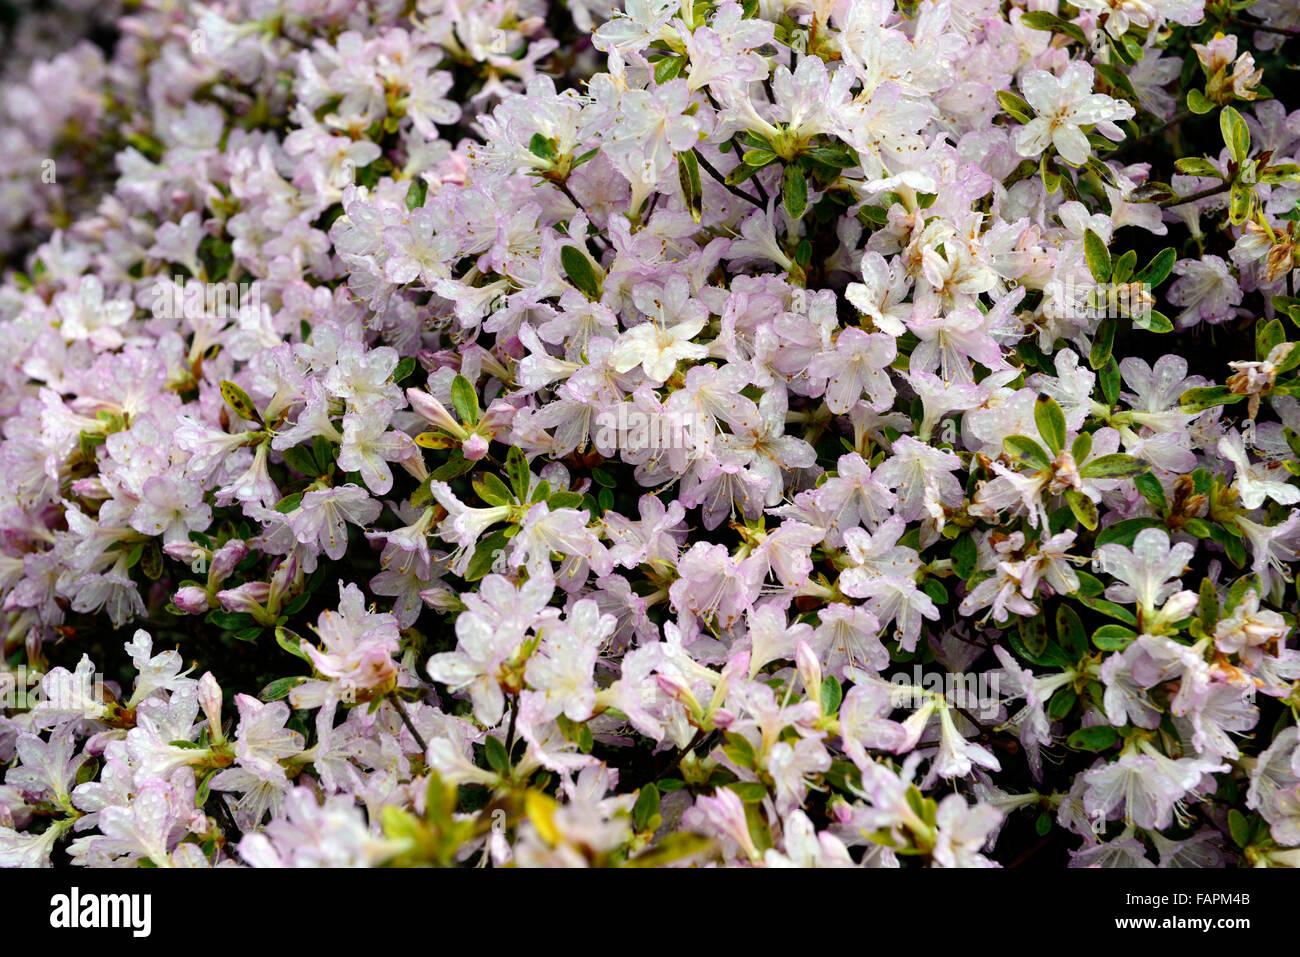 Azalea Kurume Aya Kammuri White Lilac Flower Flowers Flowering Stock